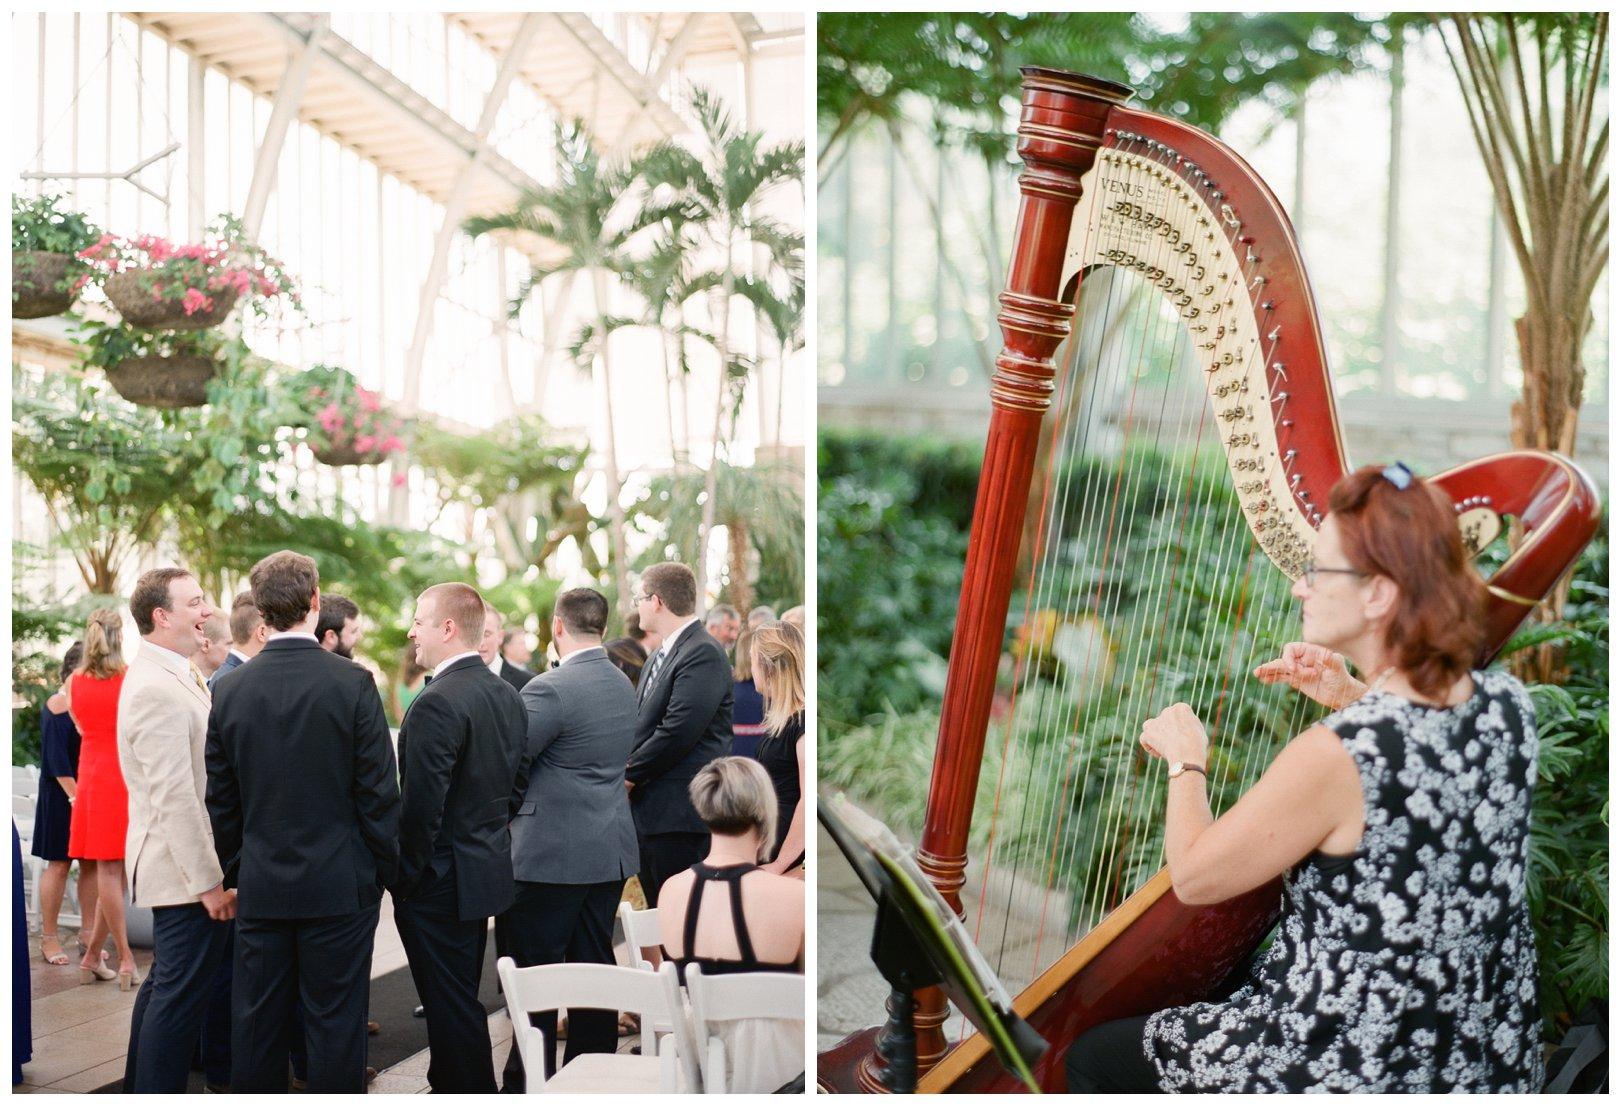 lauren muckler photography_fine art film wedding photography_st louis_photography_1295.jpg